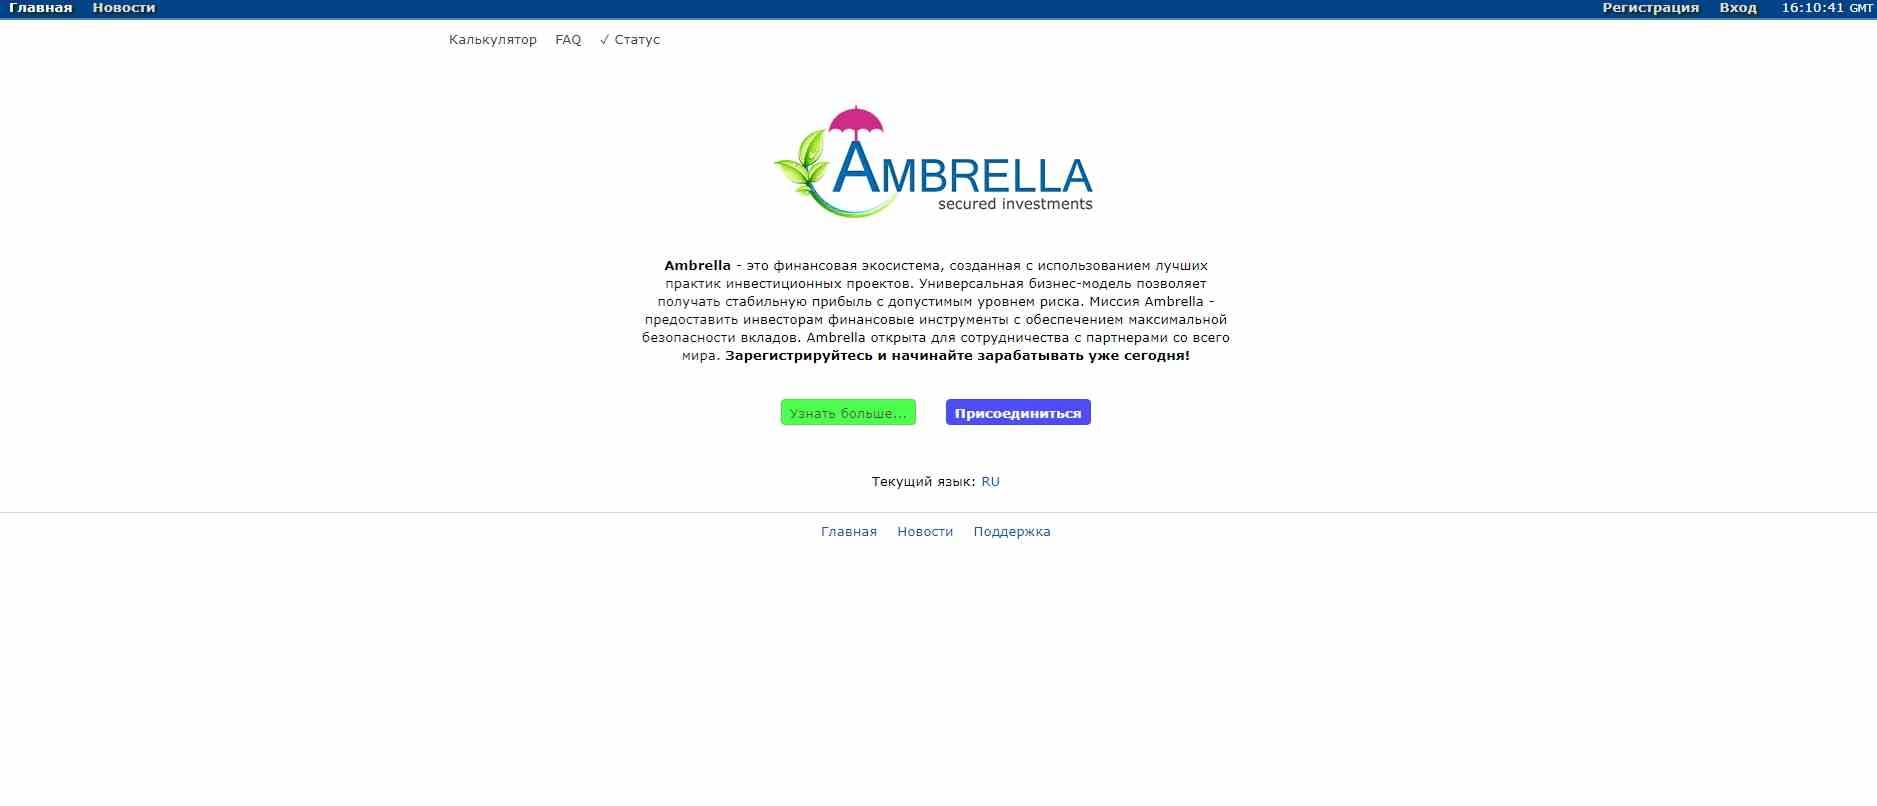 Ambrella